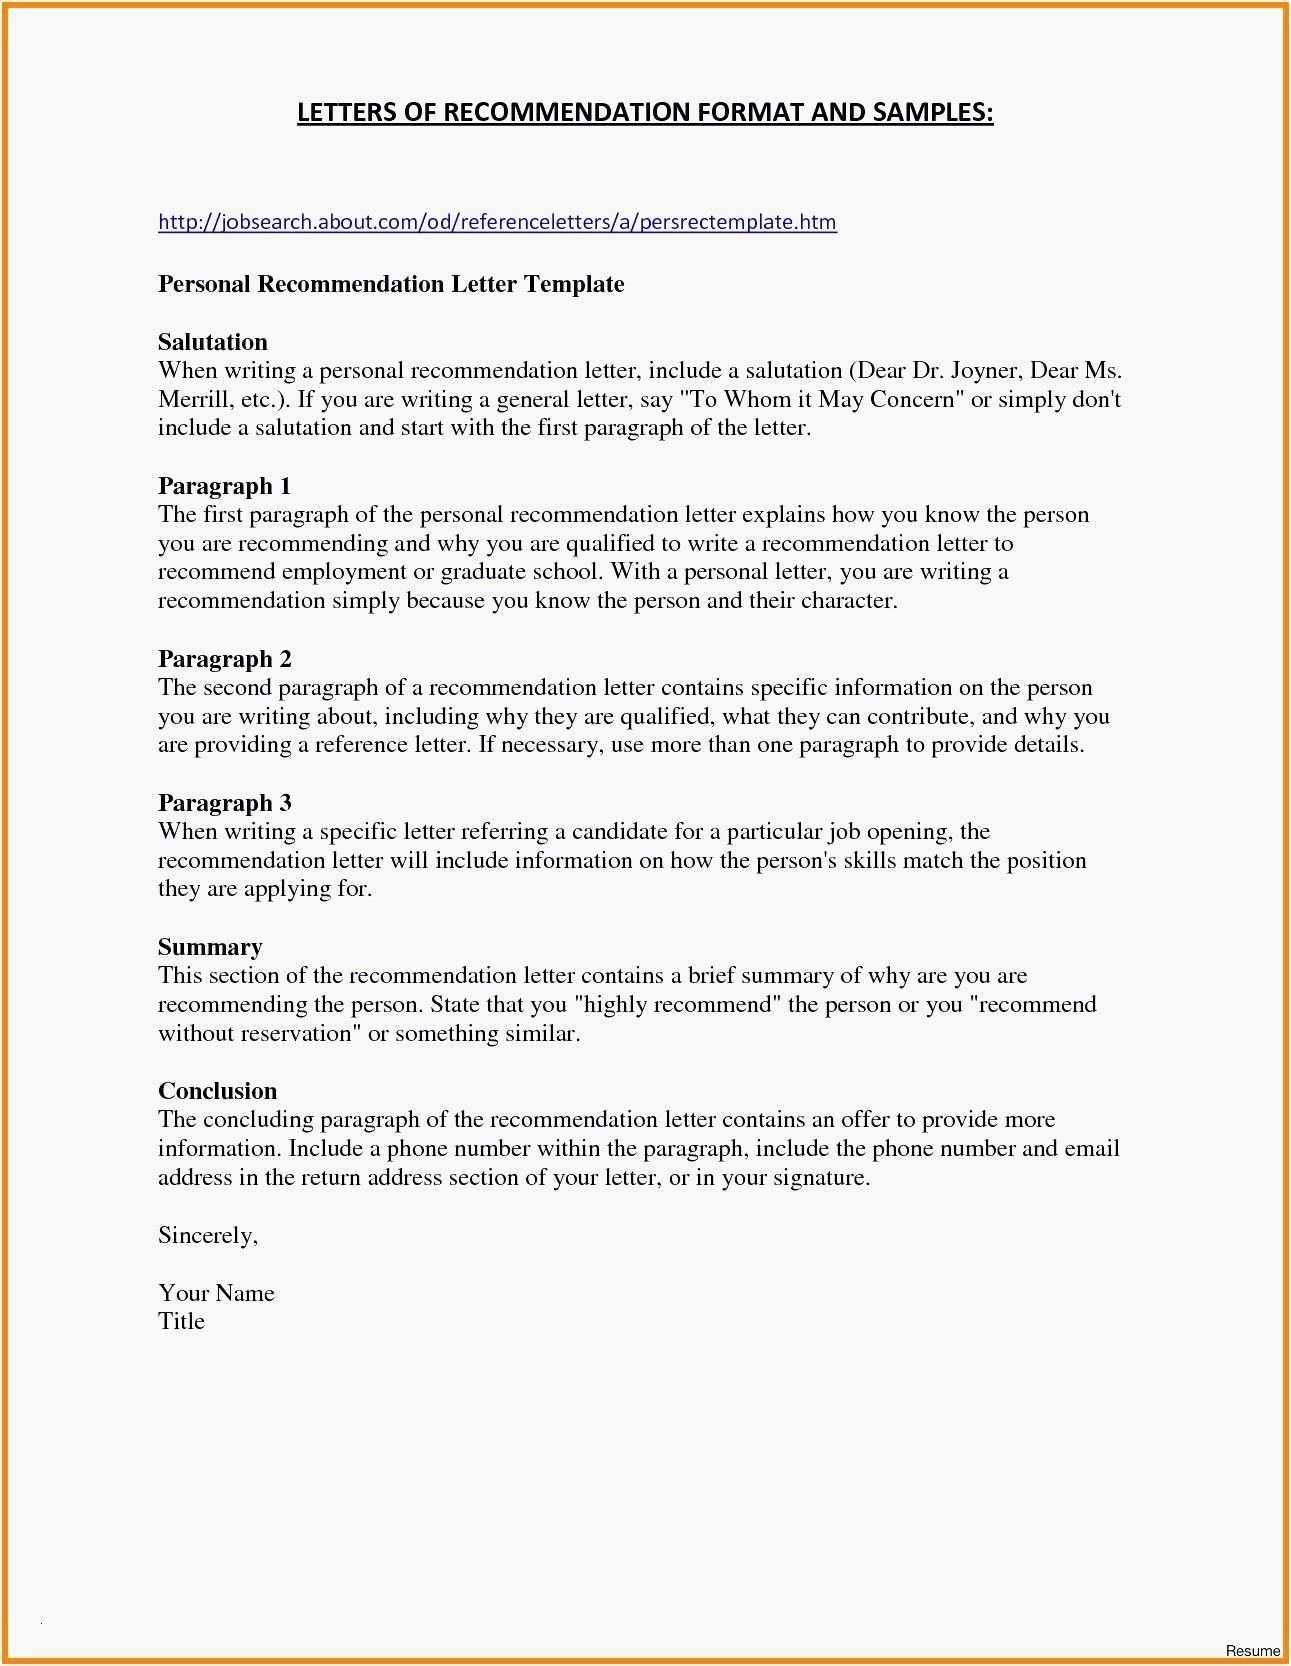 Neu Bewerbung Per Email Muster Kostenlos Briefprobe Briefformat Briefvorlage Lebenslauf Muster Bewerbung Lebenslauf Vorlage Lebenslauf